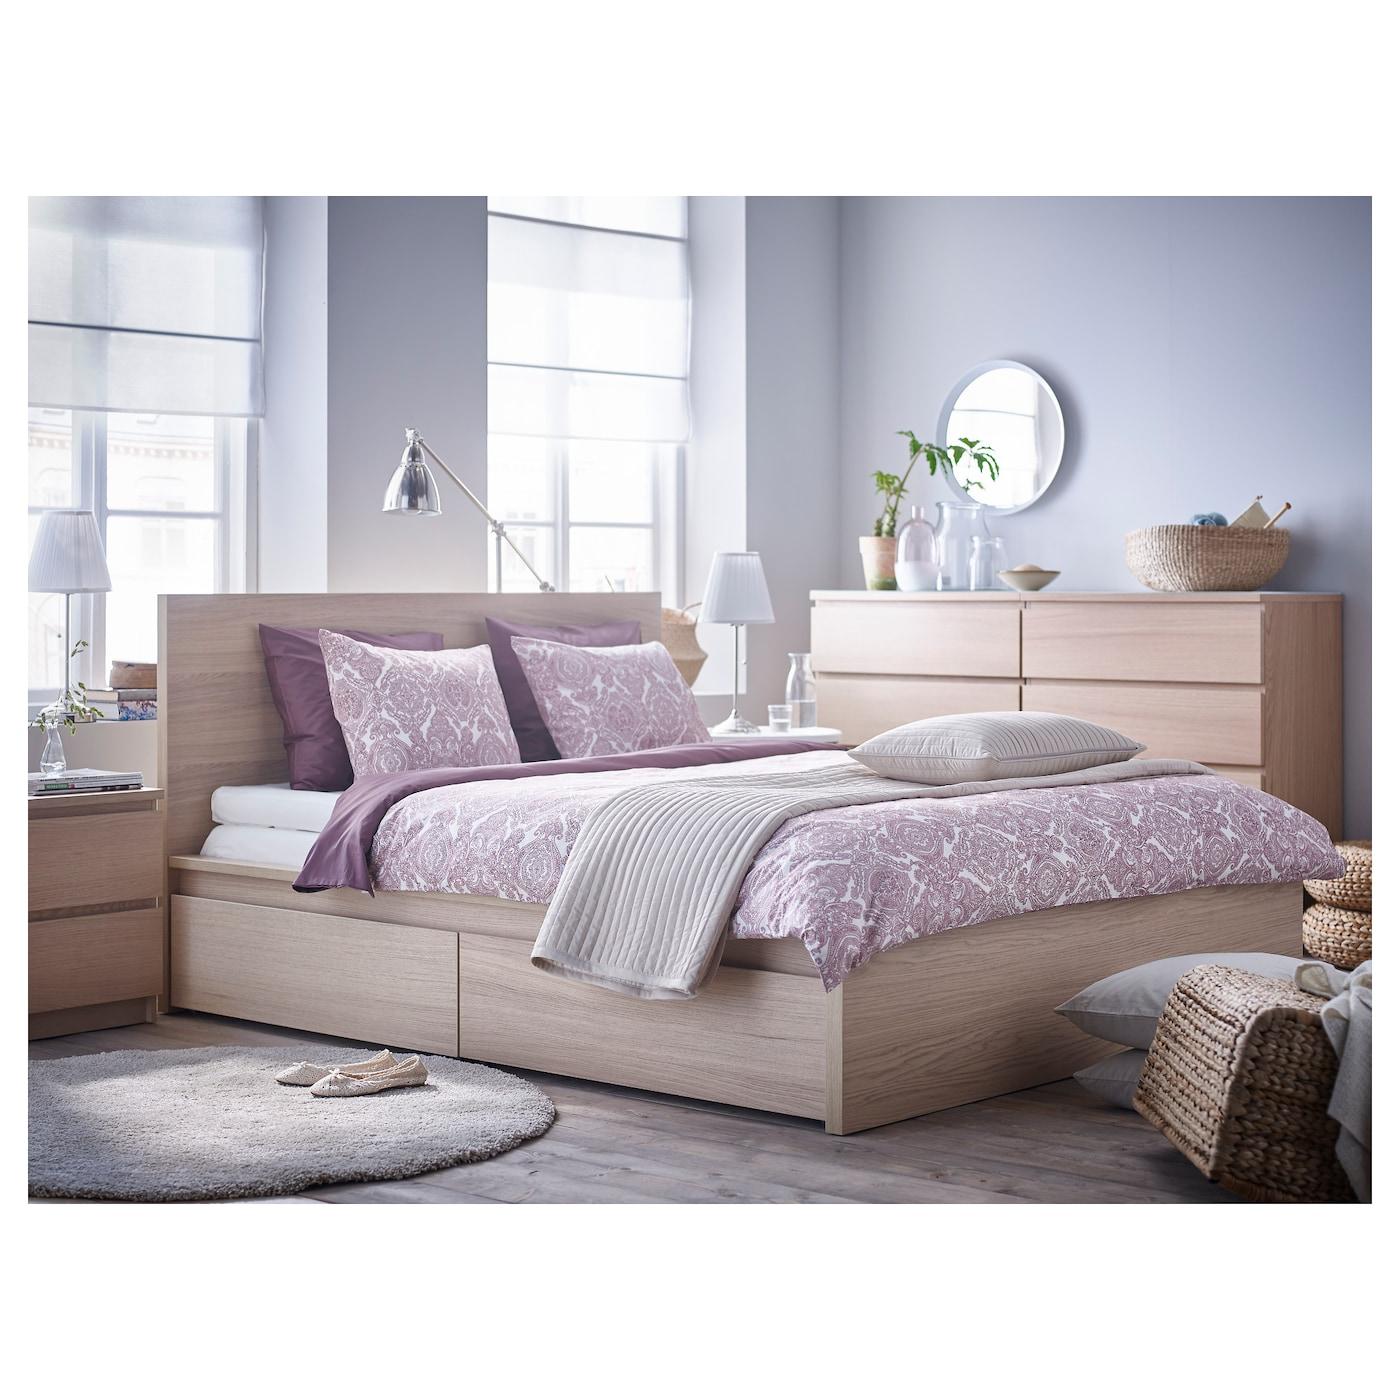 malm cadre de lit haut 2 rangements plaqu ch ne blanchi l nset 140 x 200 cm ikea. Black Bedroom Furniture Sets. Home Design Ideas